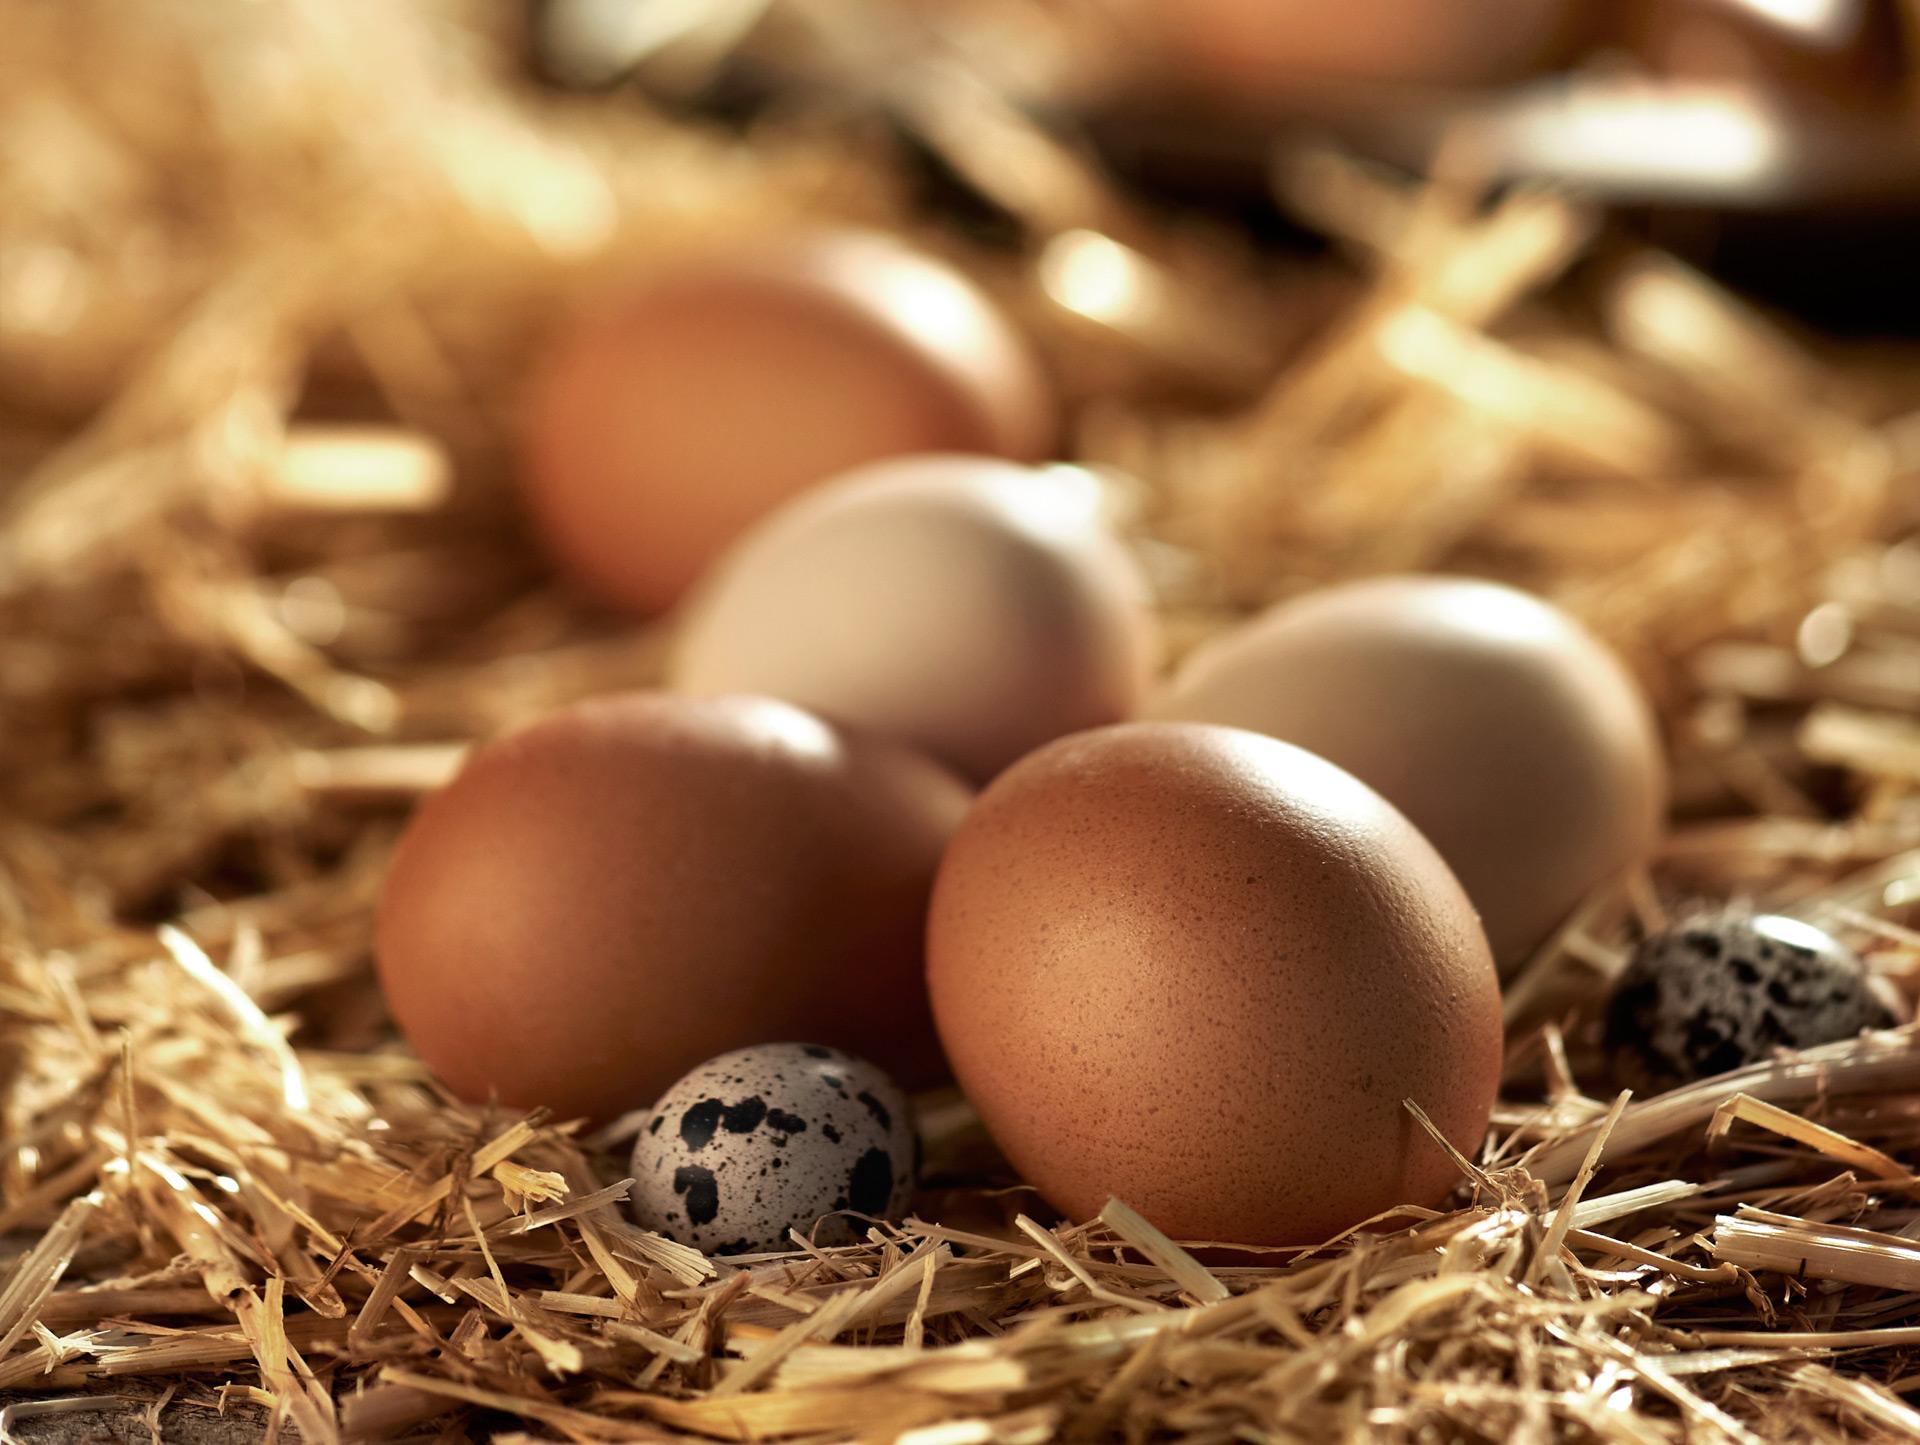 Art_Eggs.jpg